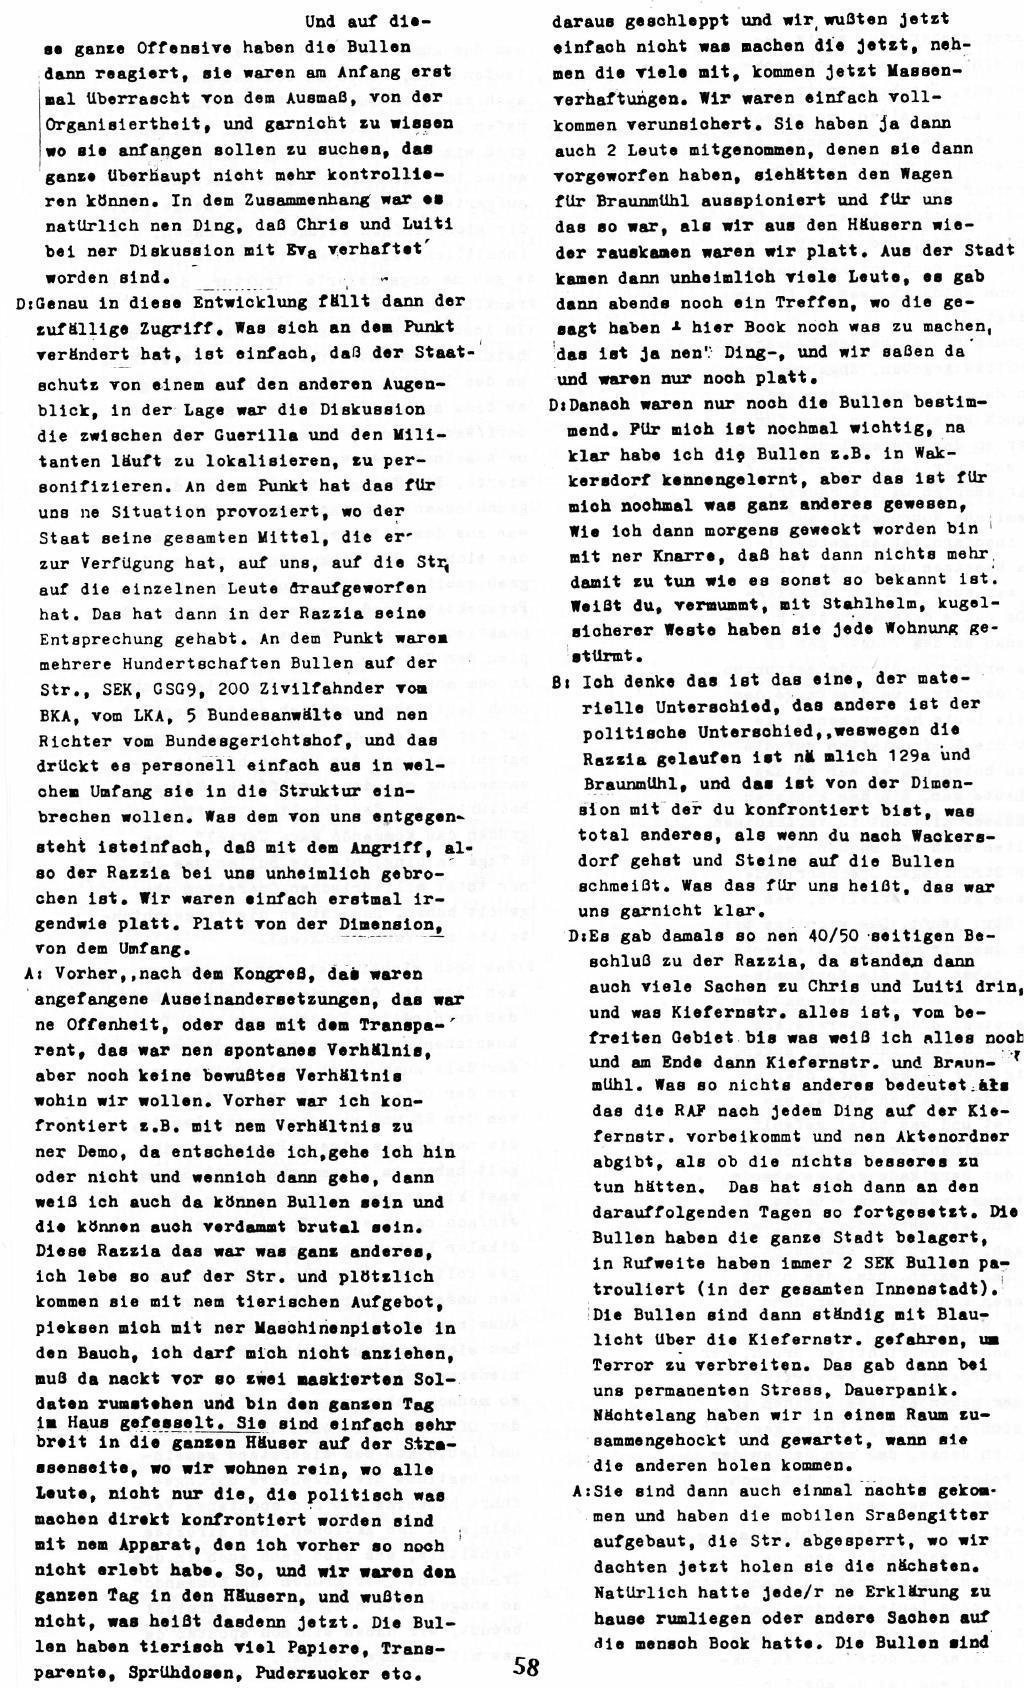 Duesseldorf_1989_Sechs_Politische_Gefangene_058